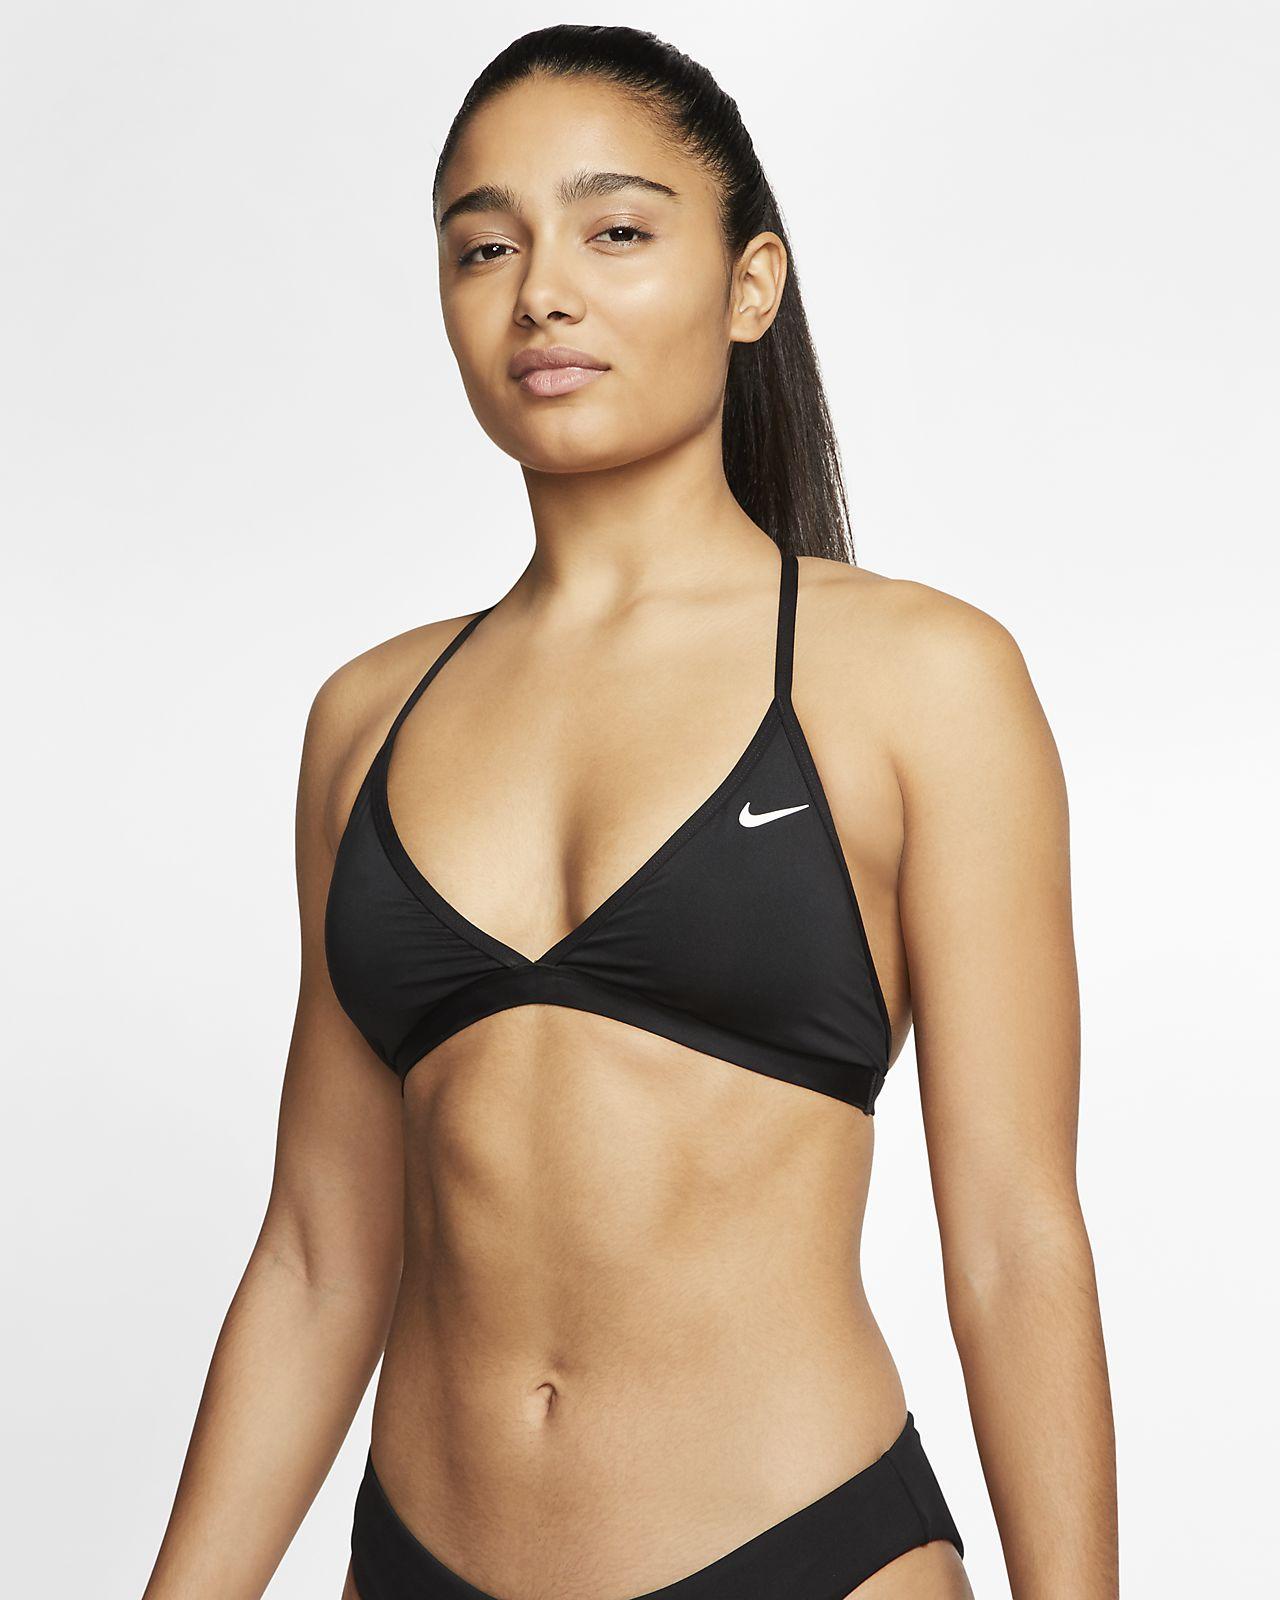 Vrchní díl bikin Nike Essential s ramínkt do T